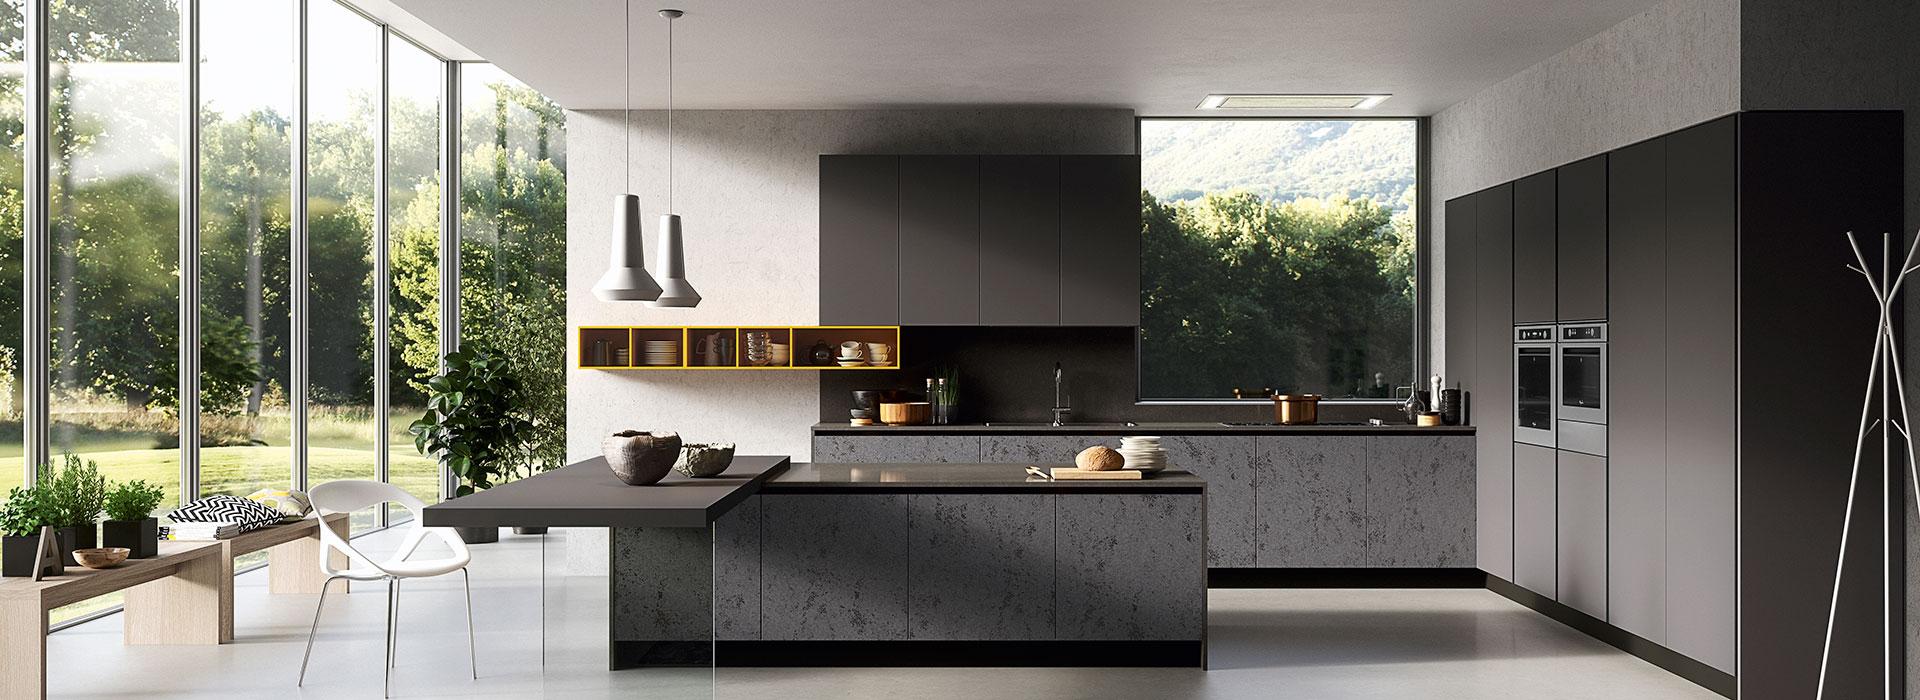 25 Fresco Arredamento Cucine Moderne | L\'arredamento e la ...